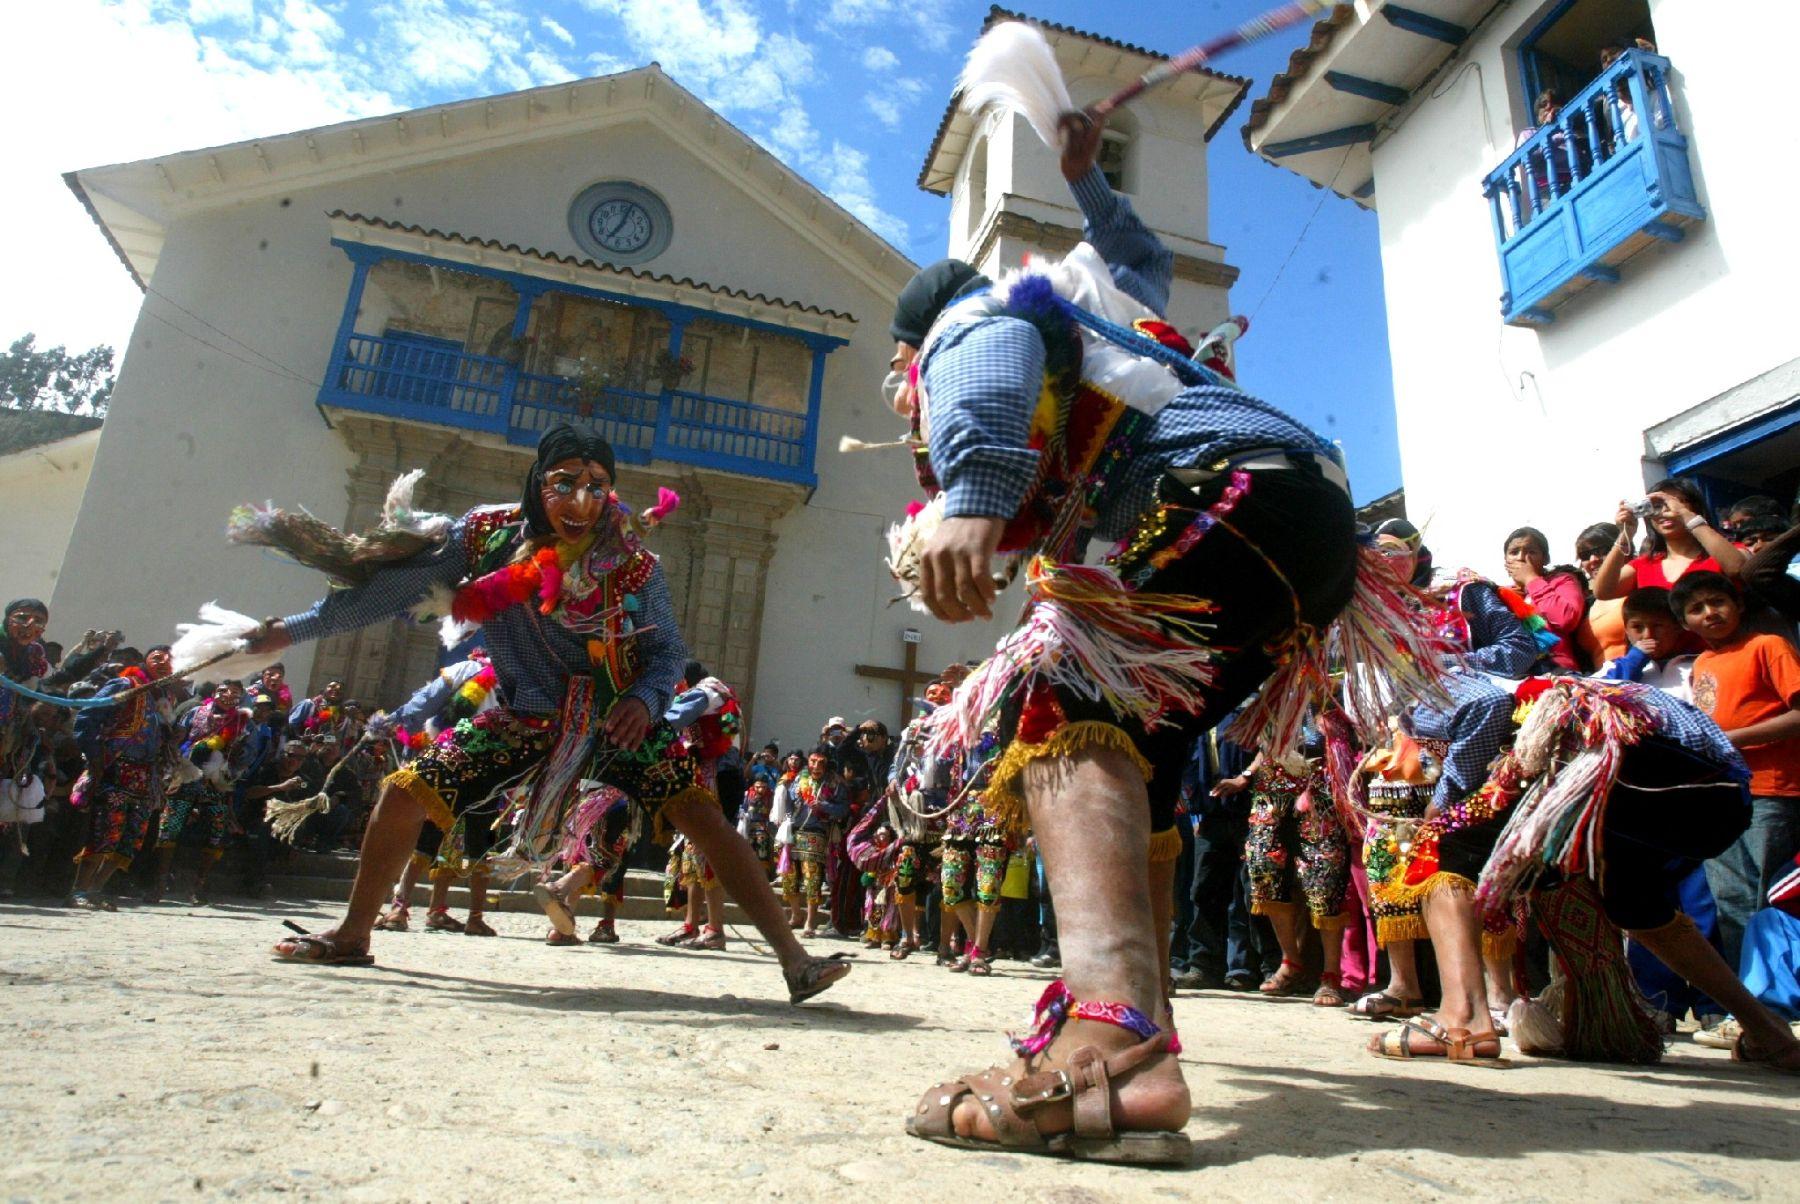 Razones para viajar a Cusco en Junio - Paucartambo